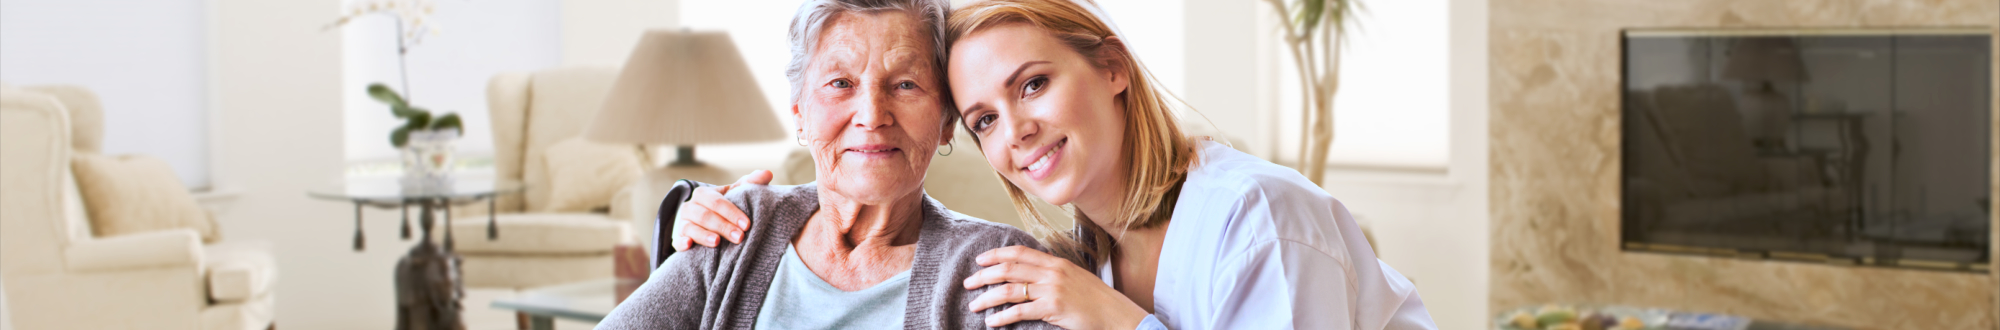 caregiver hugging elderly woman